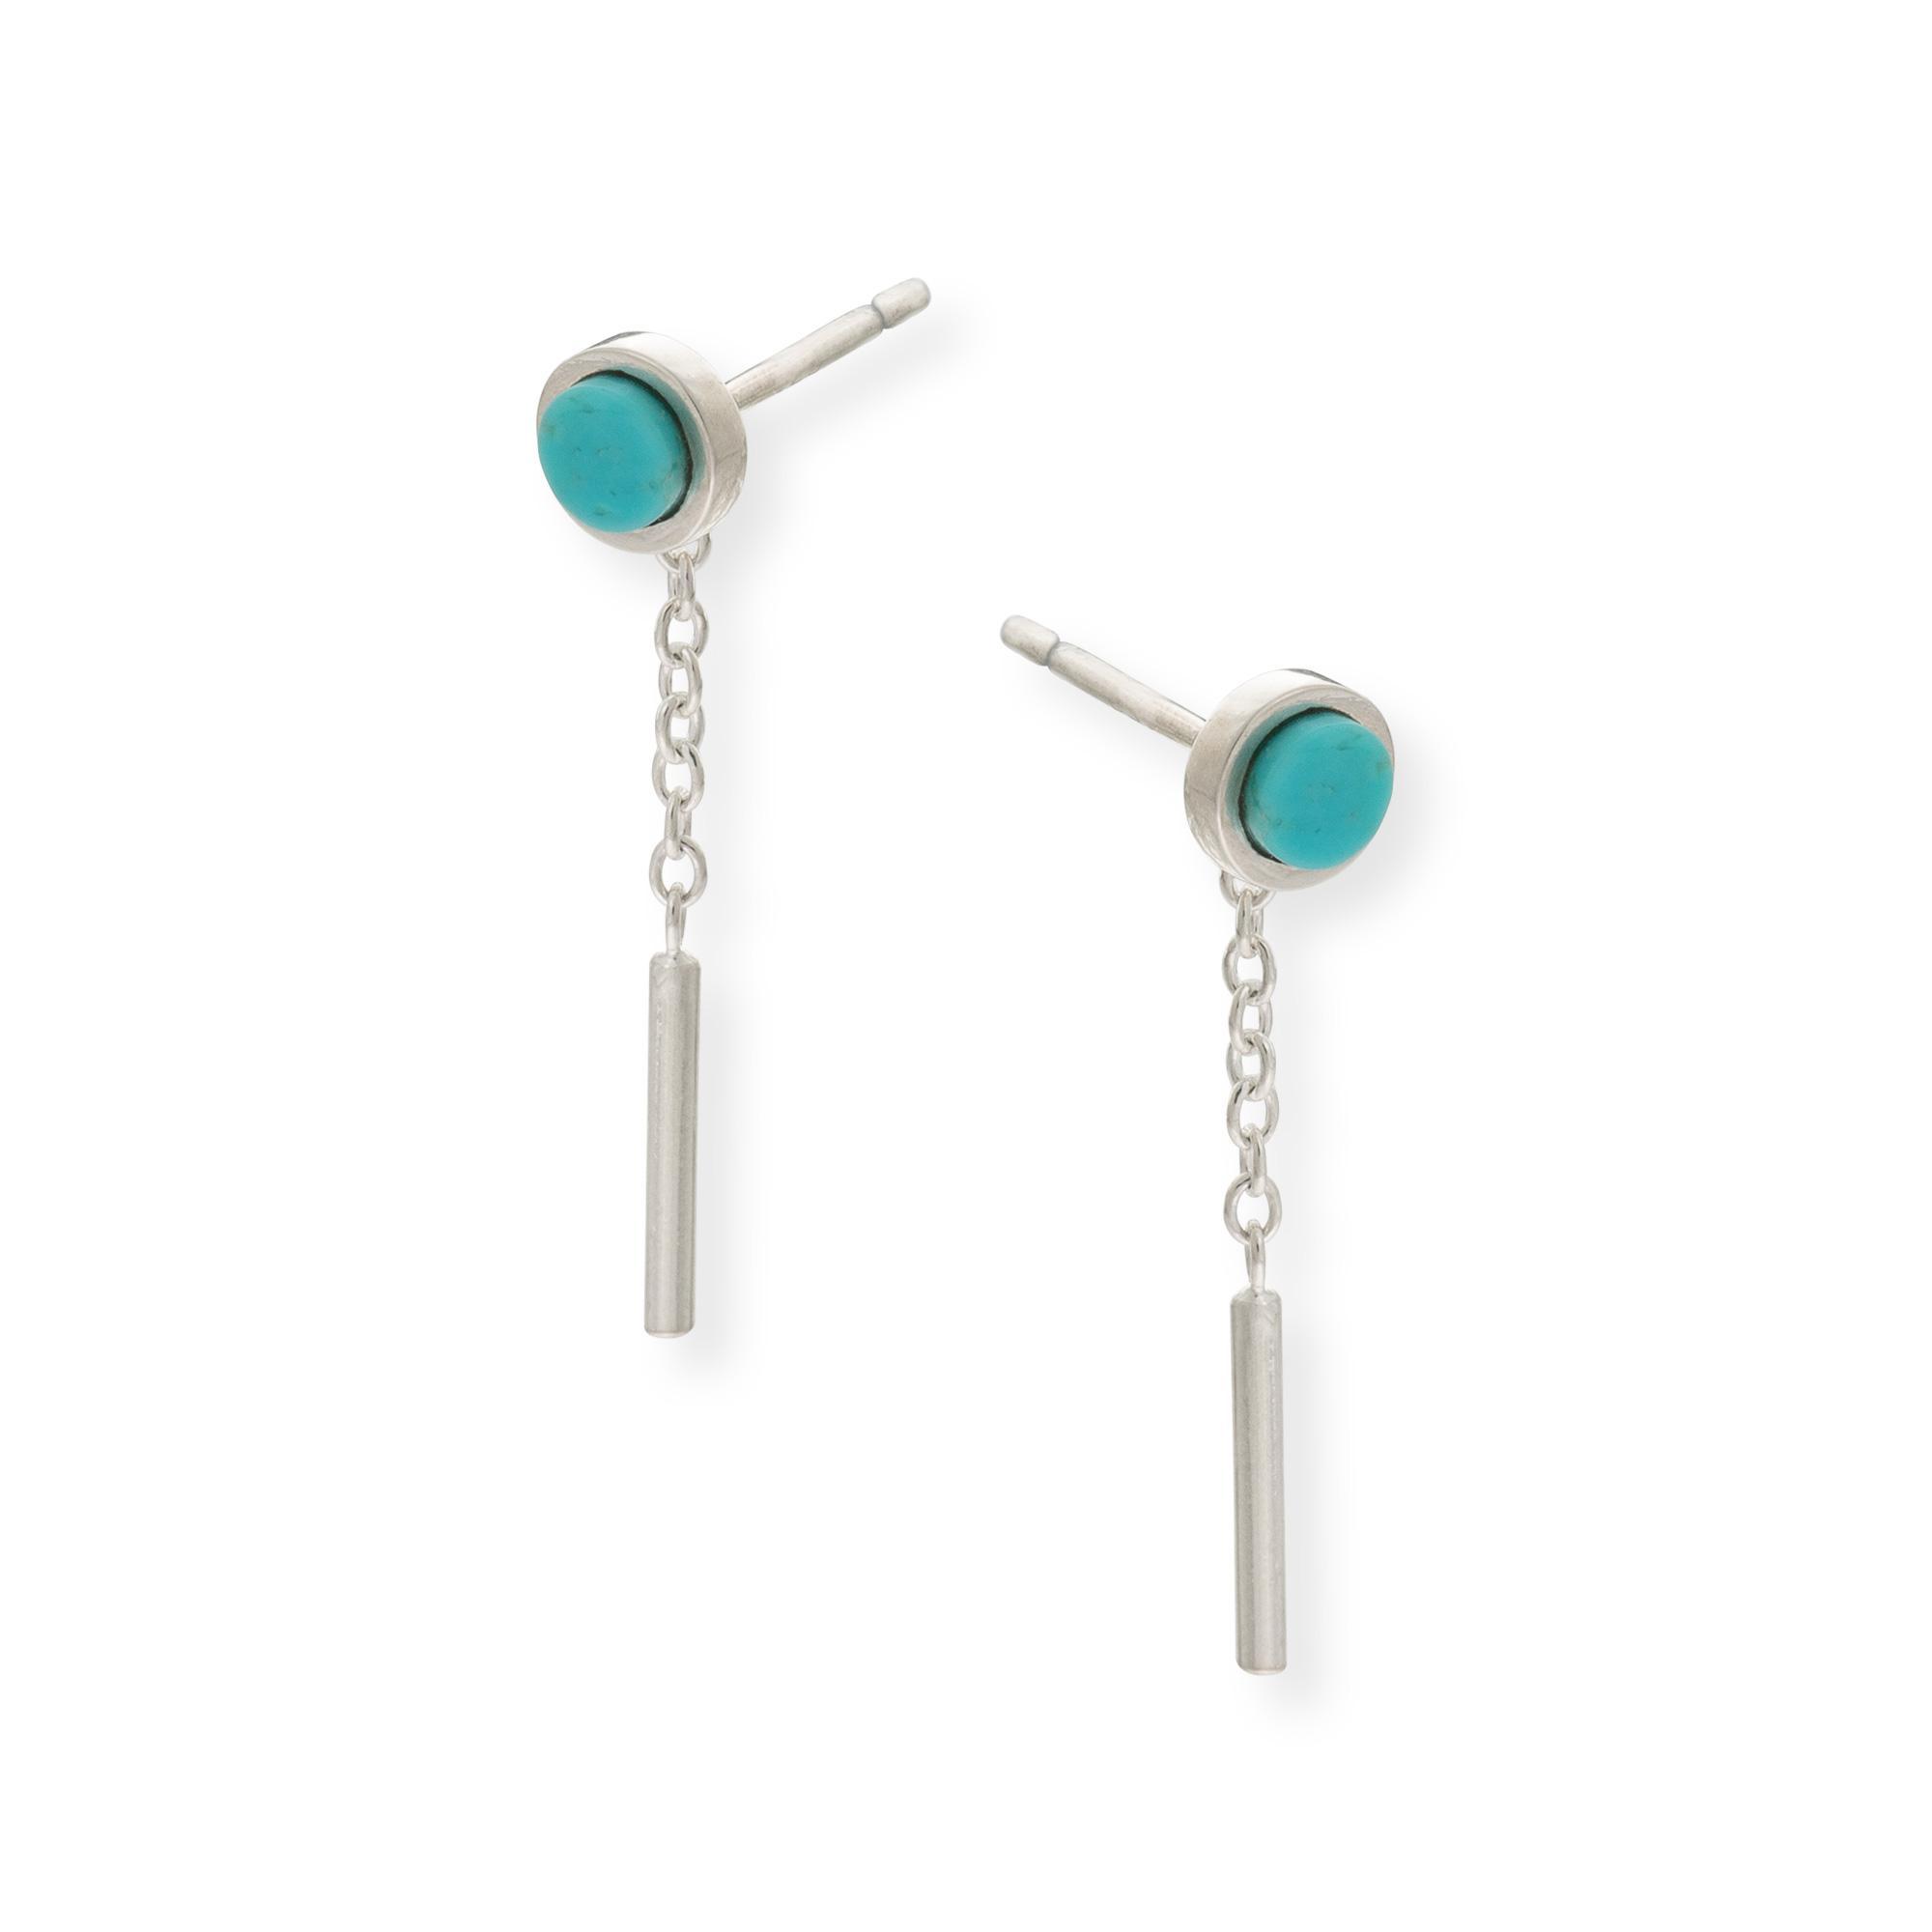 Oliver Bonas Flat Cut Stone & Chain Silver Stud Earrings in Blue - Lyst